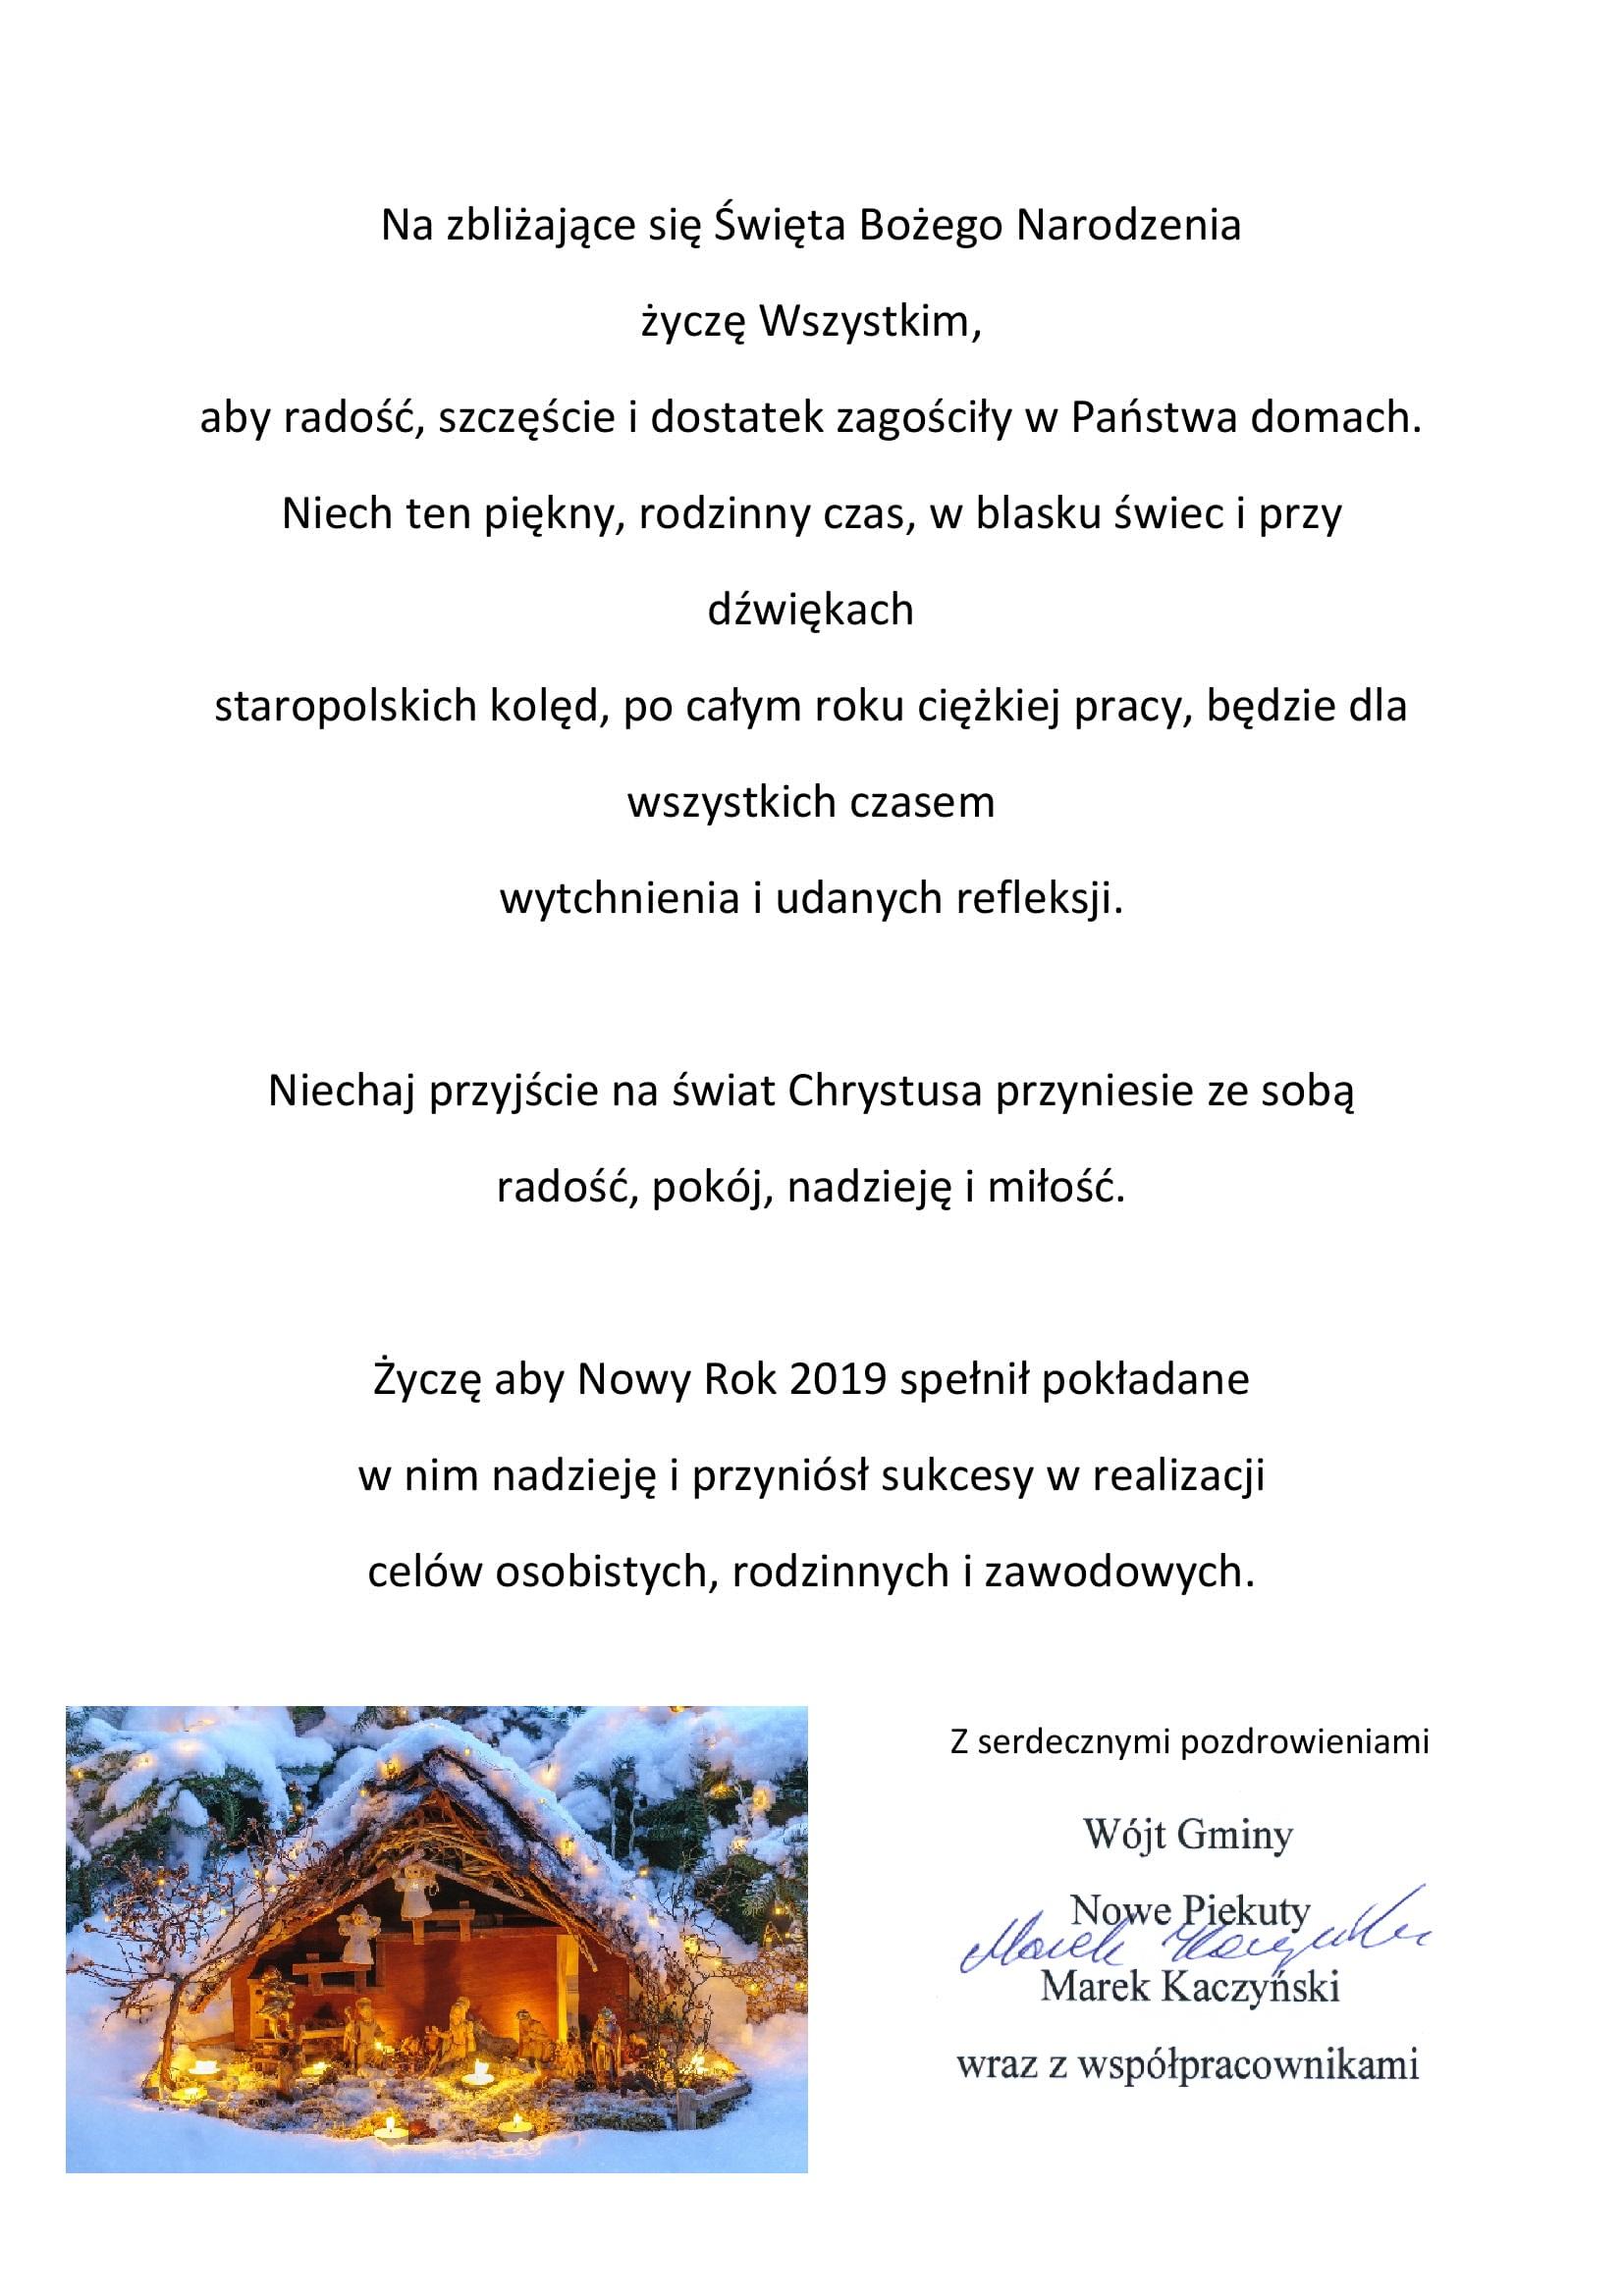 Życzenia-converted-1